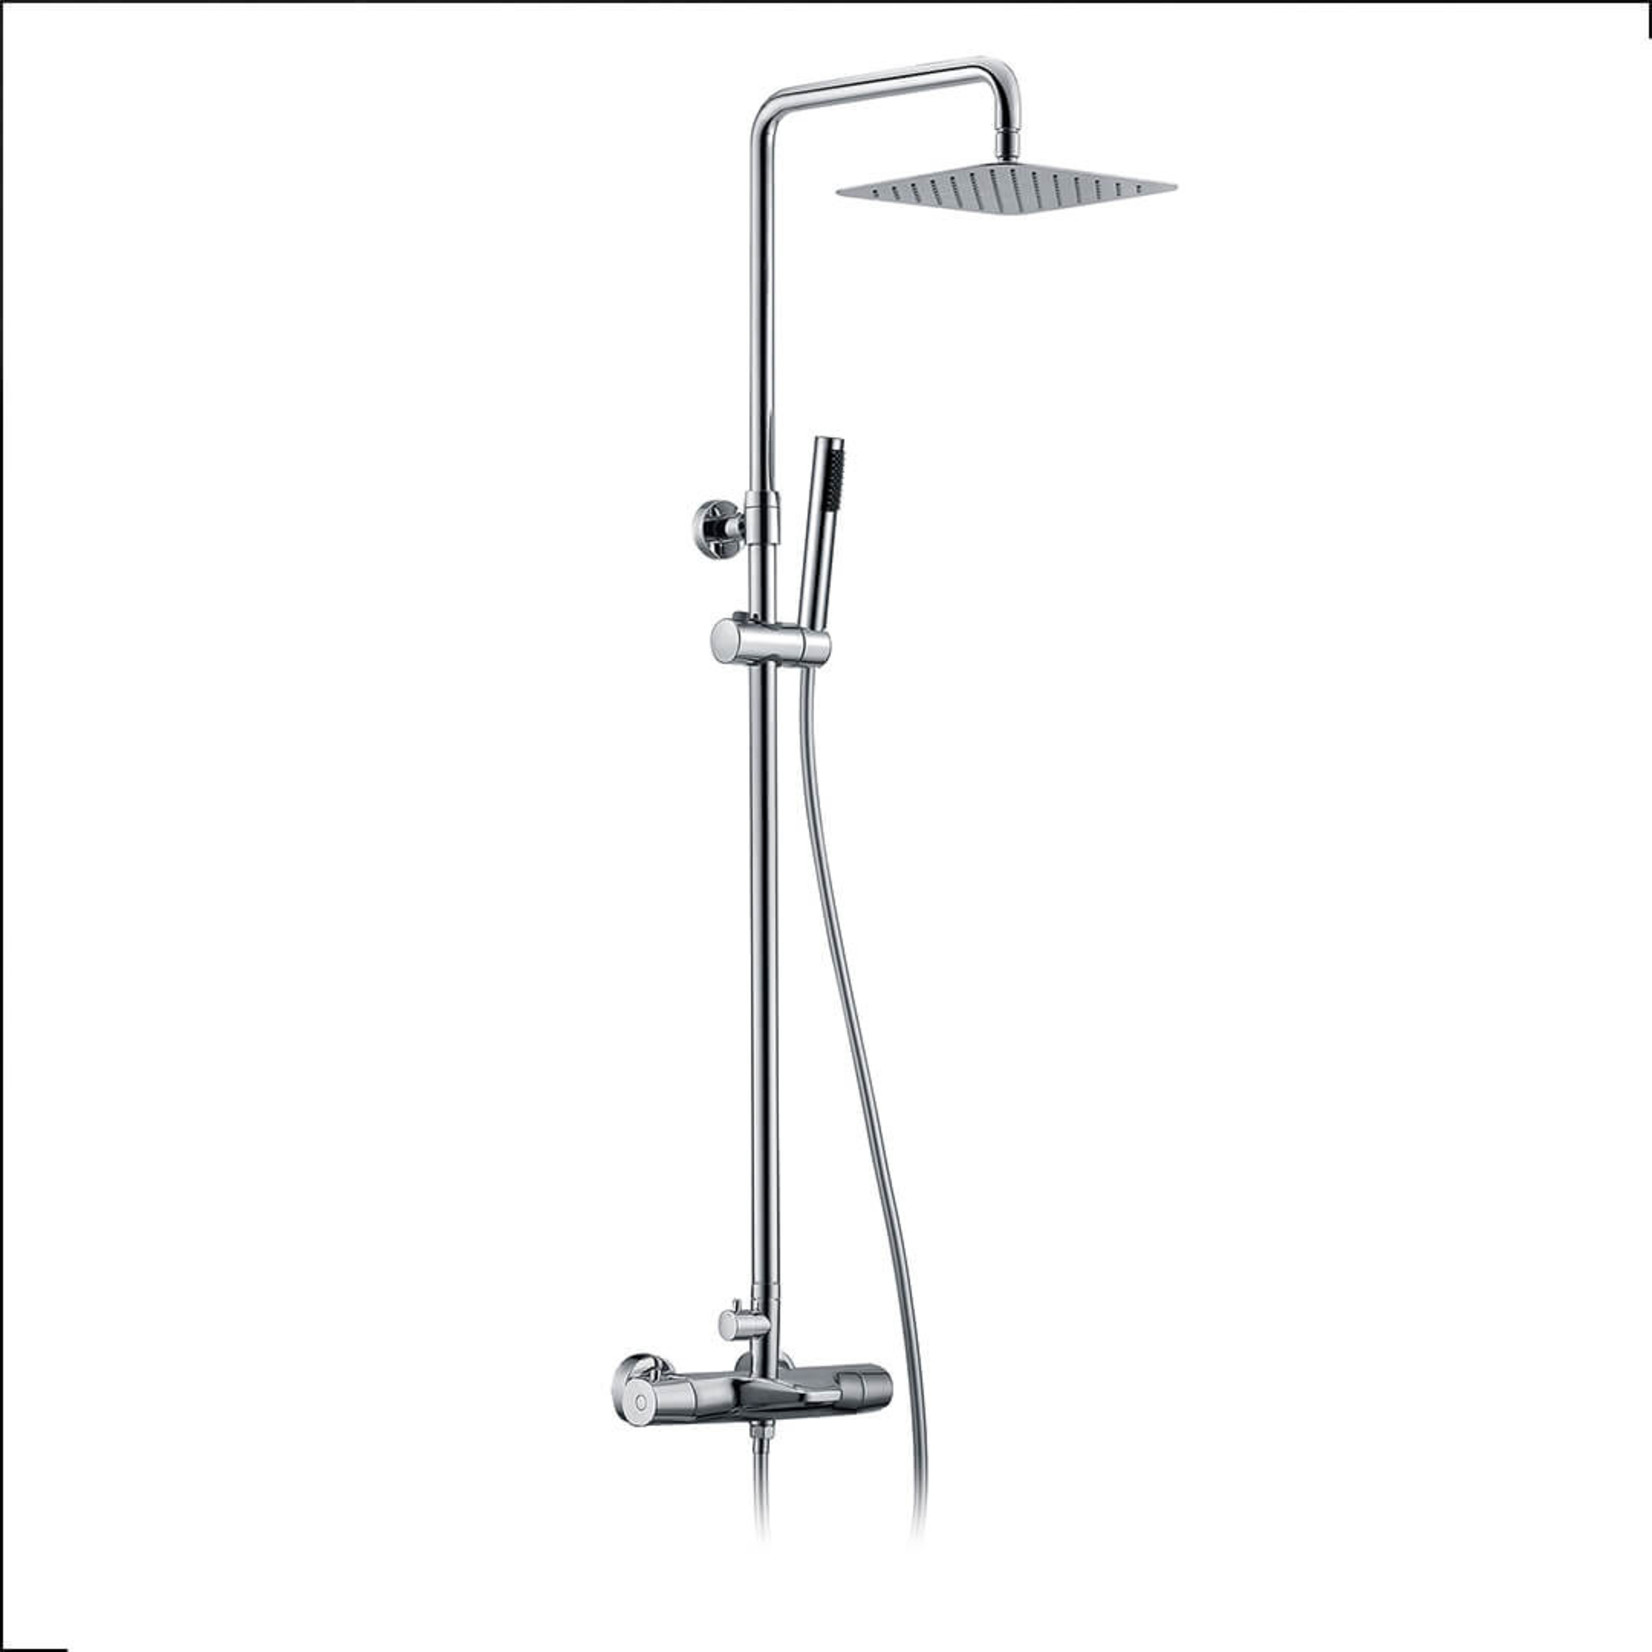 Colonne de douche thermostatique Chrome Série Jacki Jade Bath 8015-10